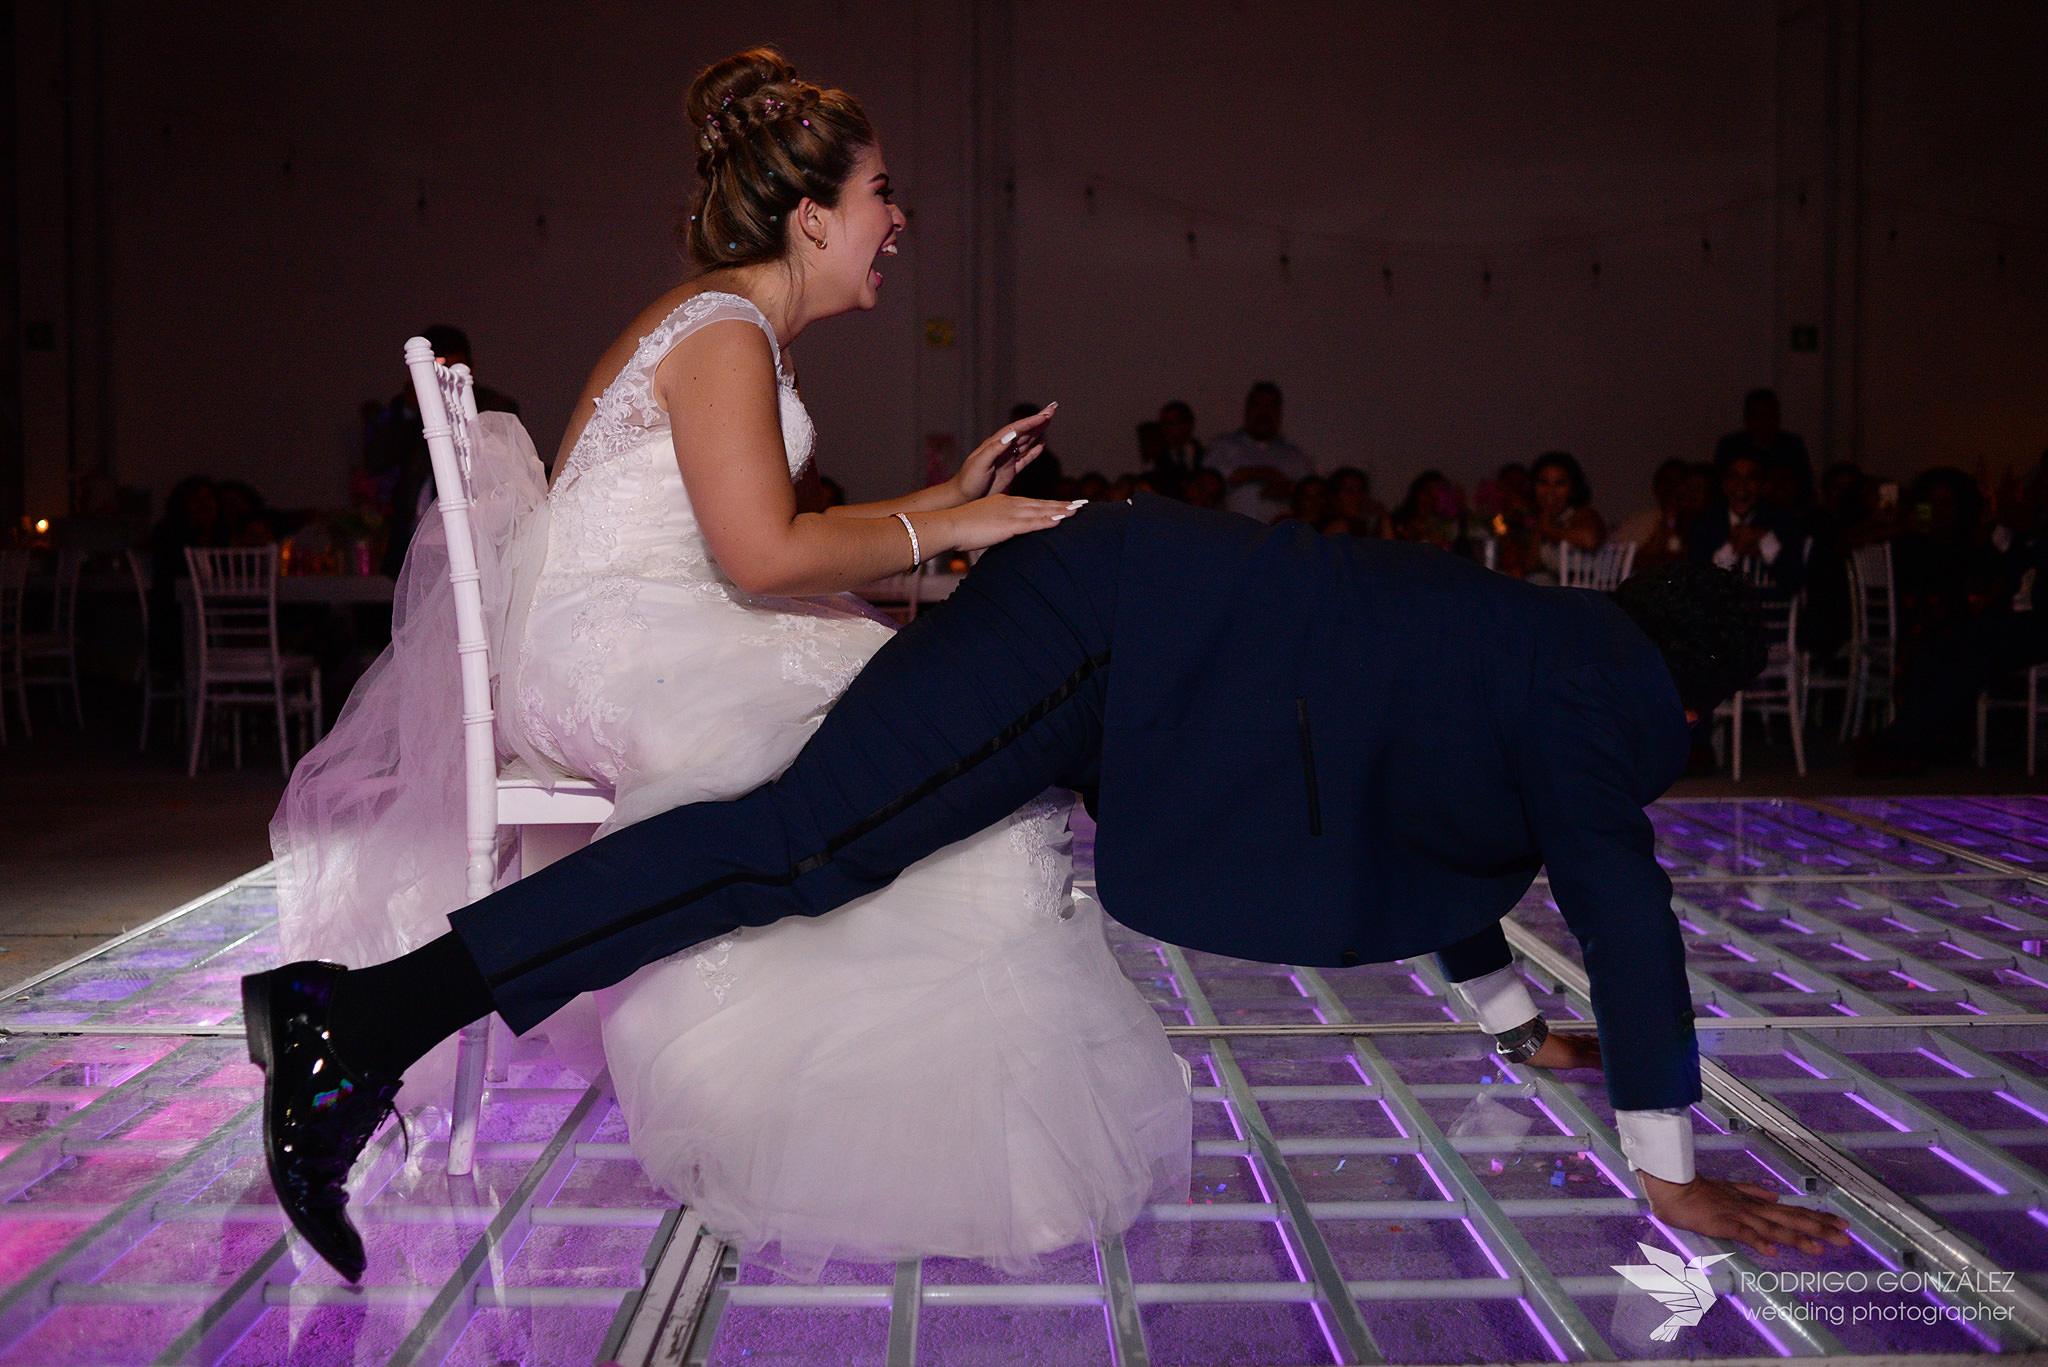 fotografos-de-bodas-en-puebla-1026